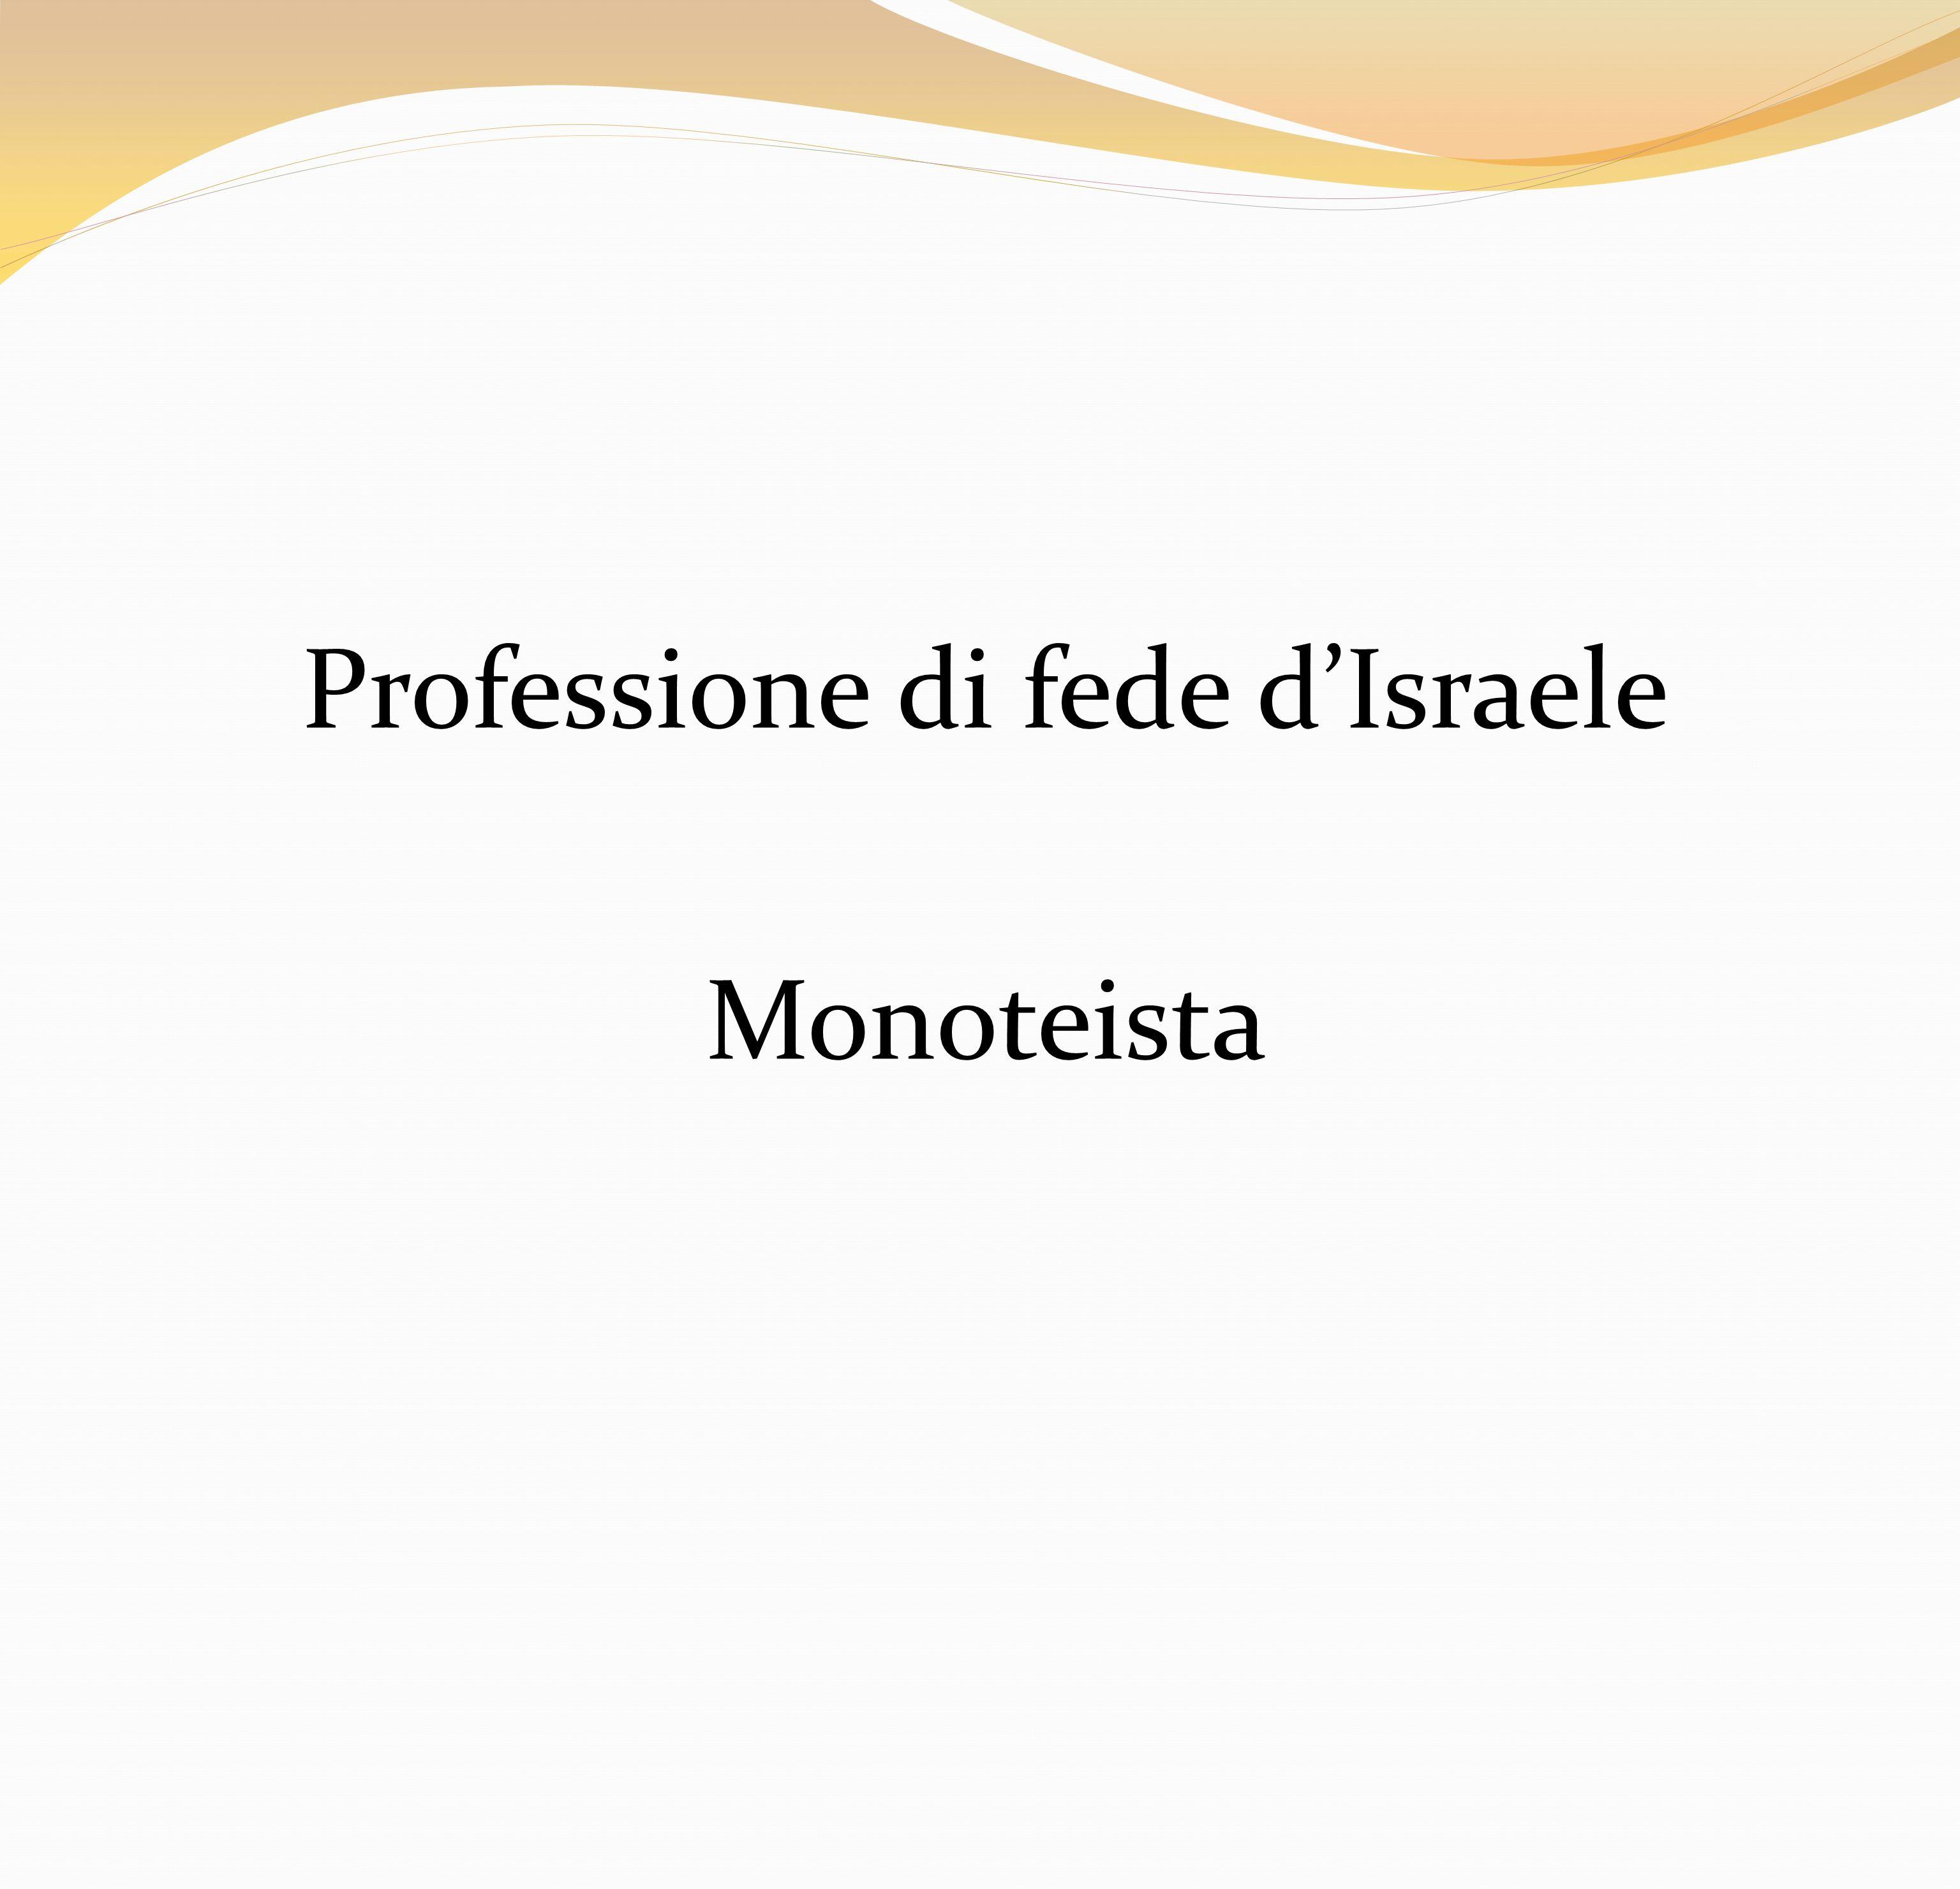 Professione di fede d'Israele Monoteista